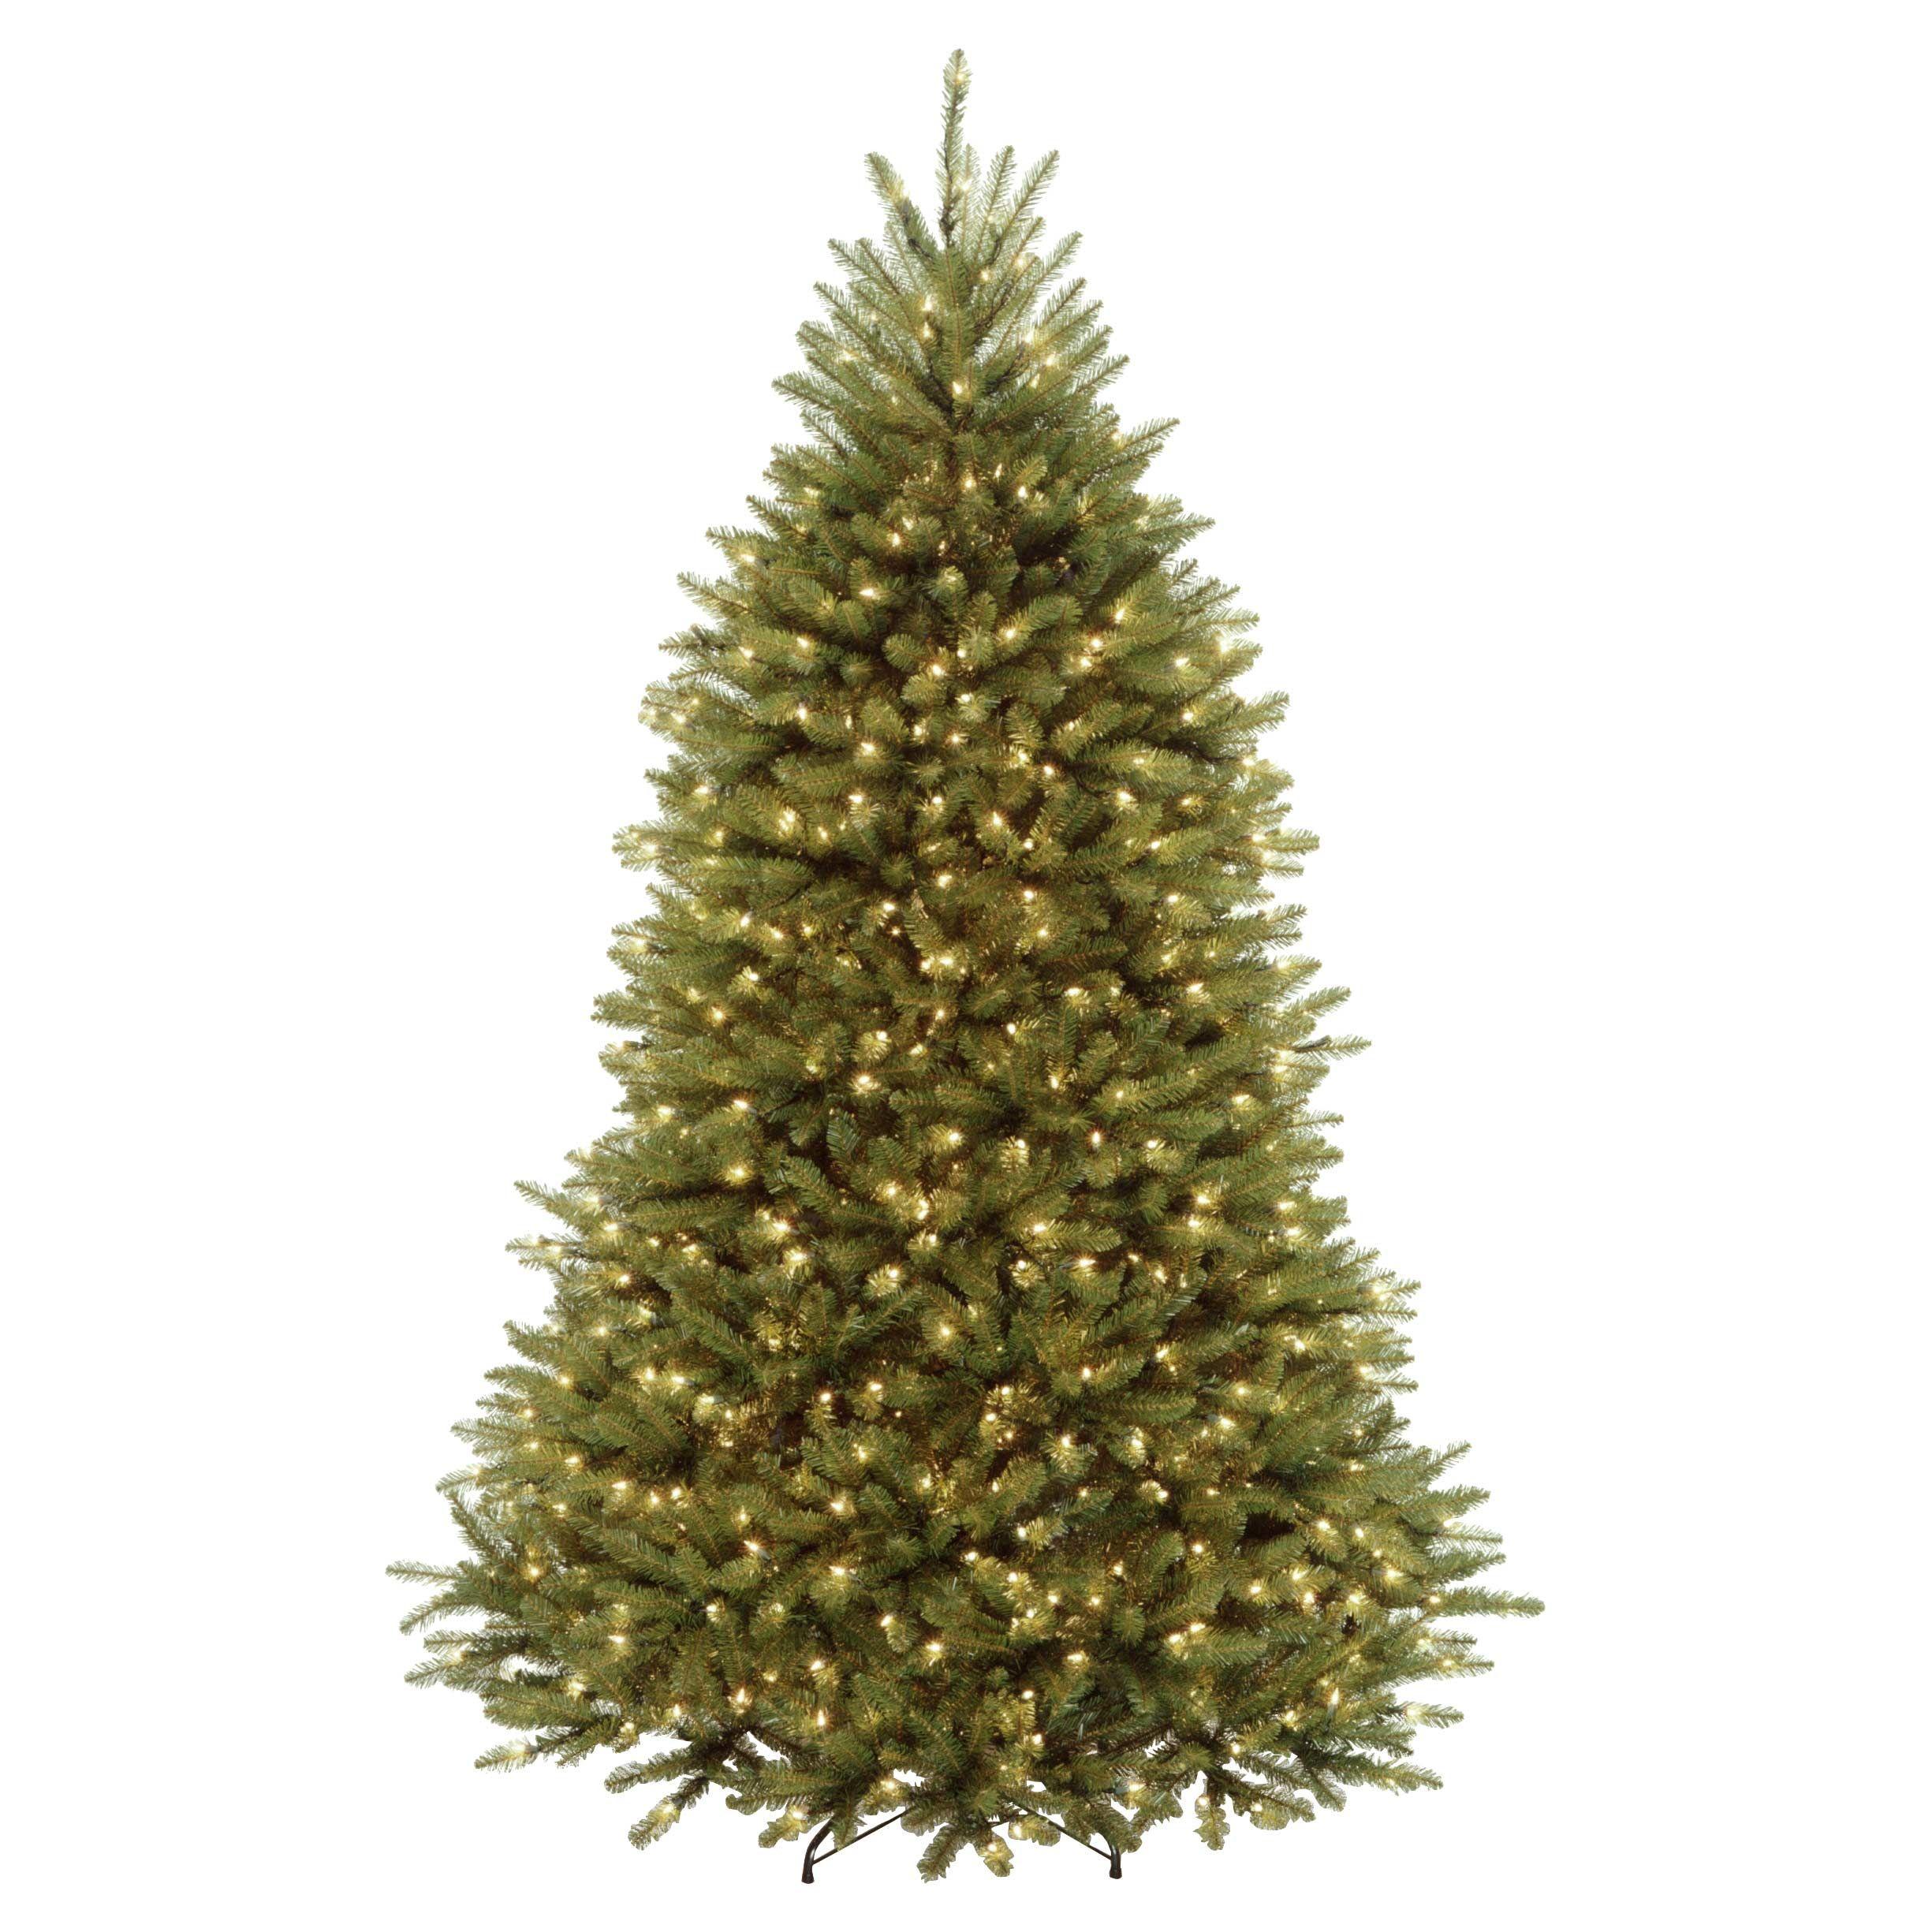 Jacob 7 5ft Fir Christmas Tree Power Connect With 600 Dual Color Lights Fir Christmas Tree Pre Lit Christmas Tree Christmas Tree Lighting